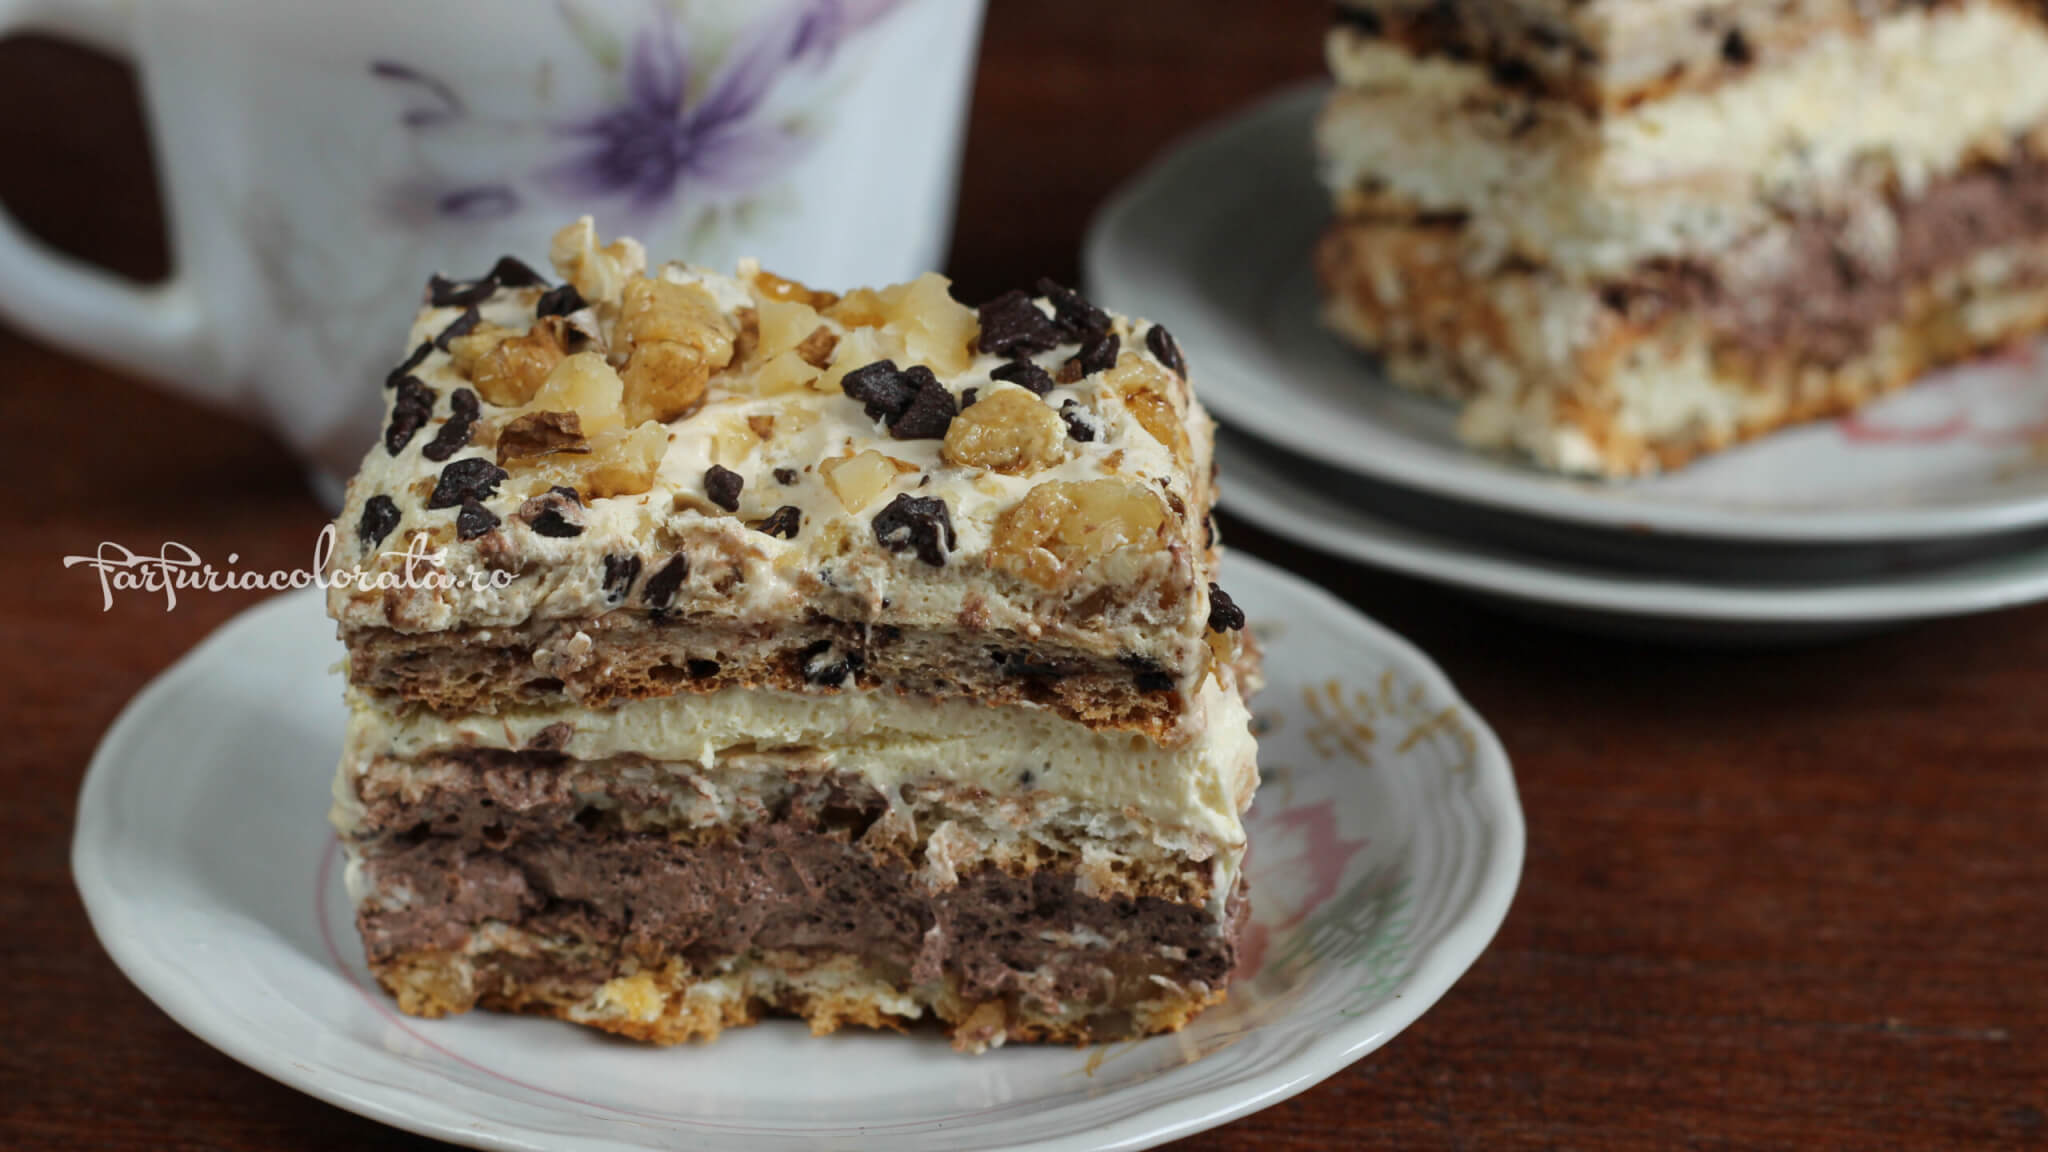 prăjitură deliciu cu cocos, nucă și ciocolată